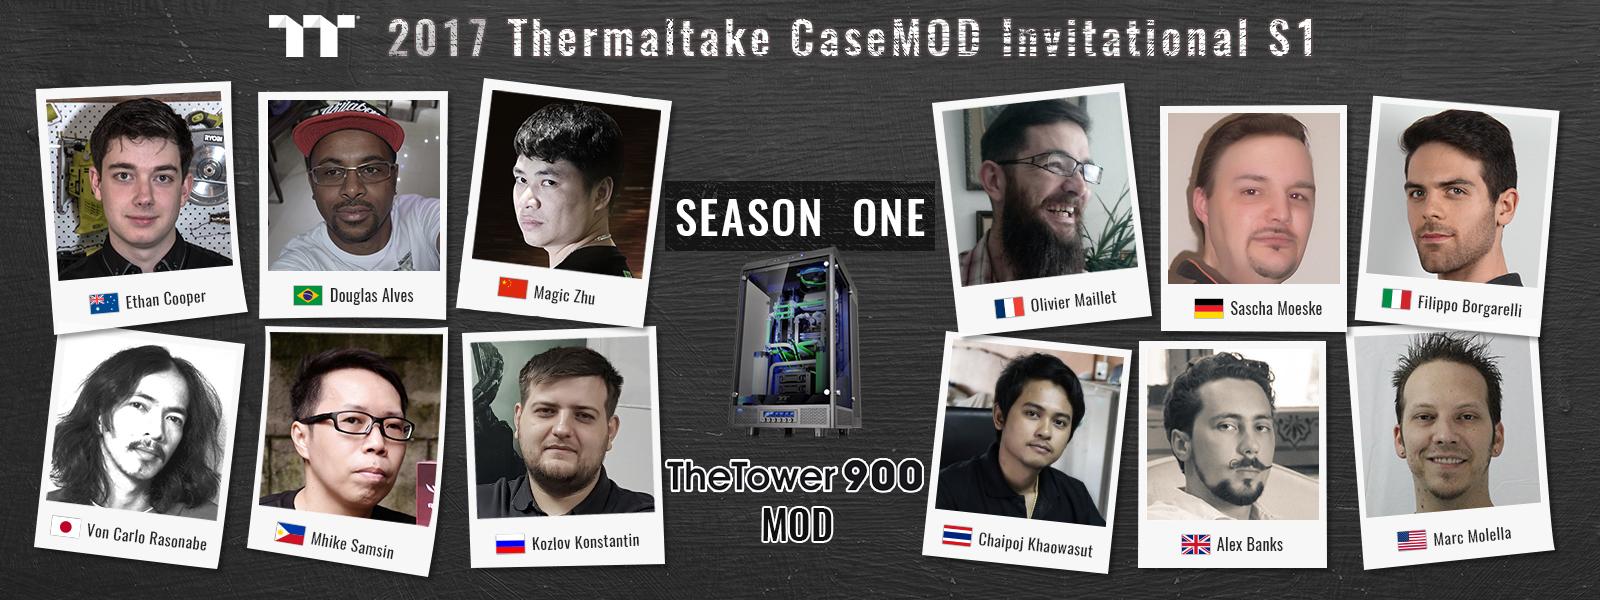 casemod Tt 01